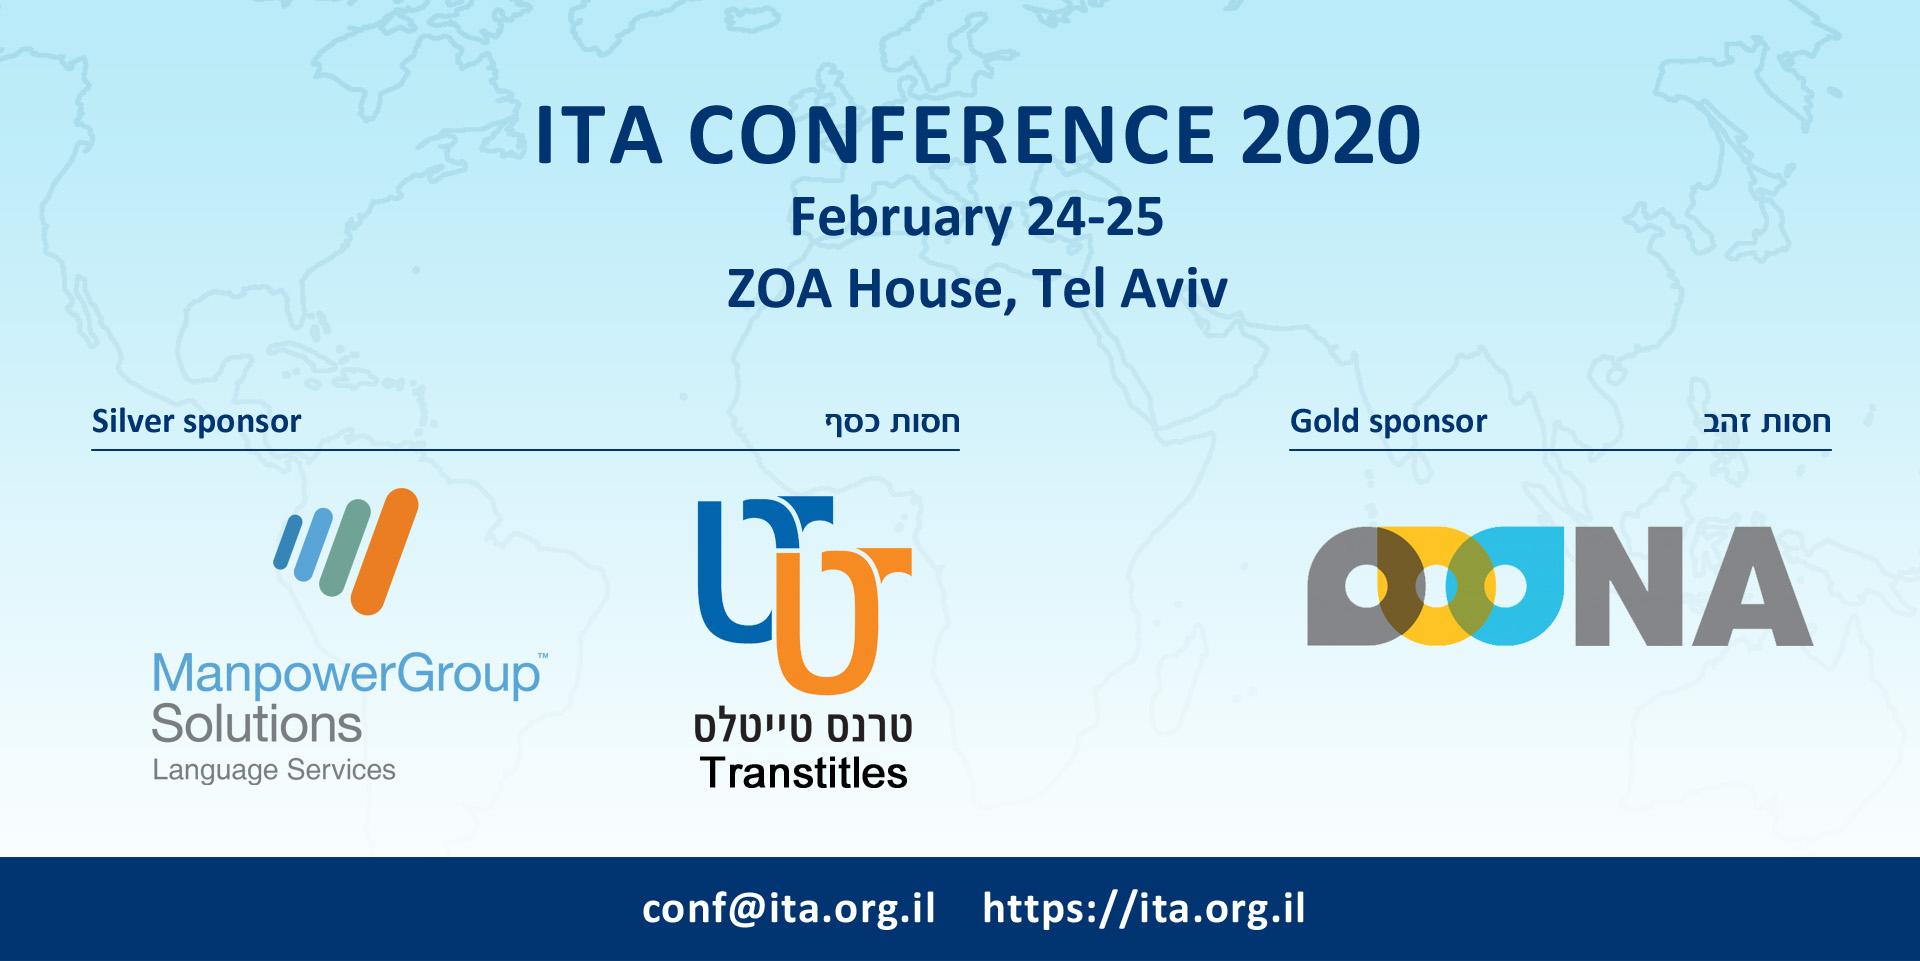 https://ita.org.il/wp-content/uploads/2020/02/banner-0220-sponsors.jpg